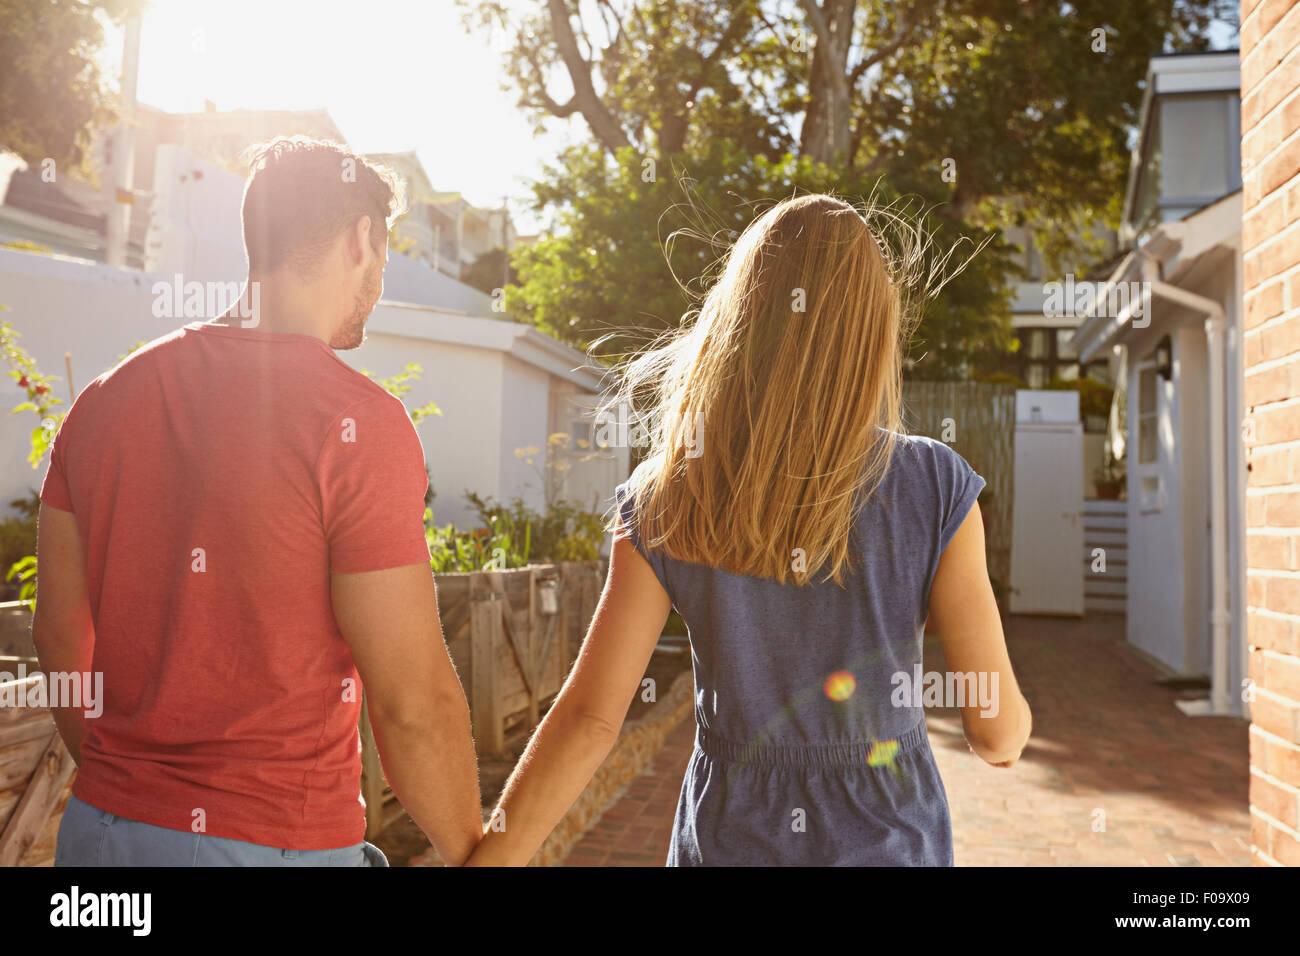 Vista posteriore della coppia giovane a piedi a casa loro insieme. Matura in backyard tenendo a piedi su una luminosa Immagini Stock